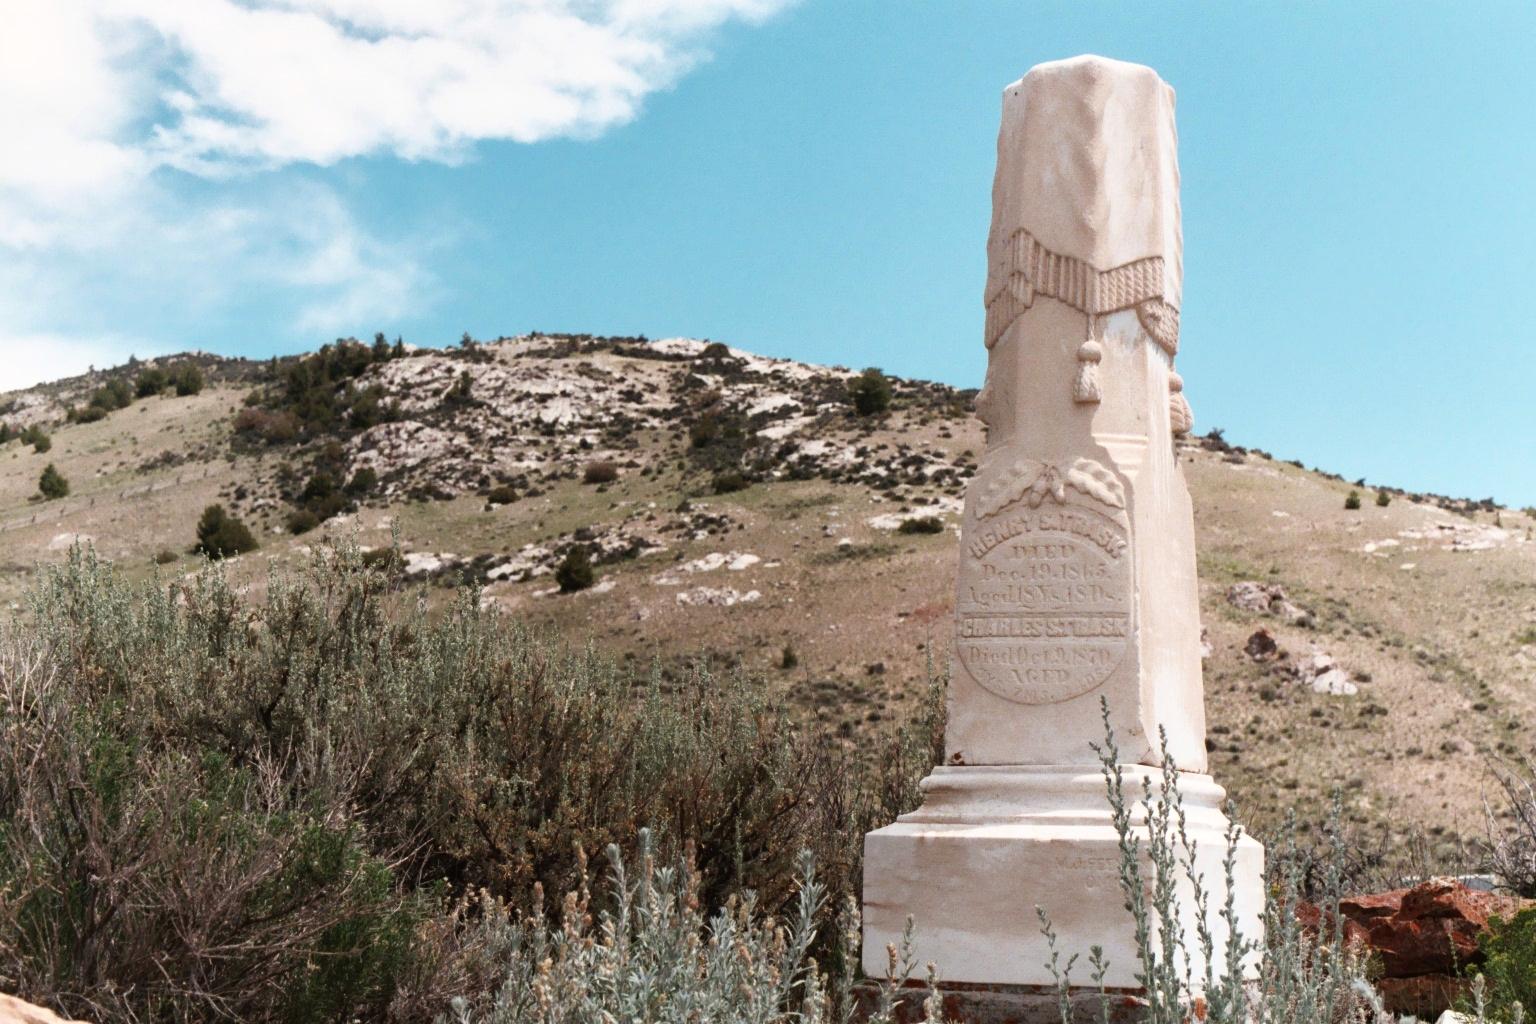 Trask Memorial